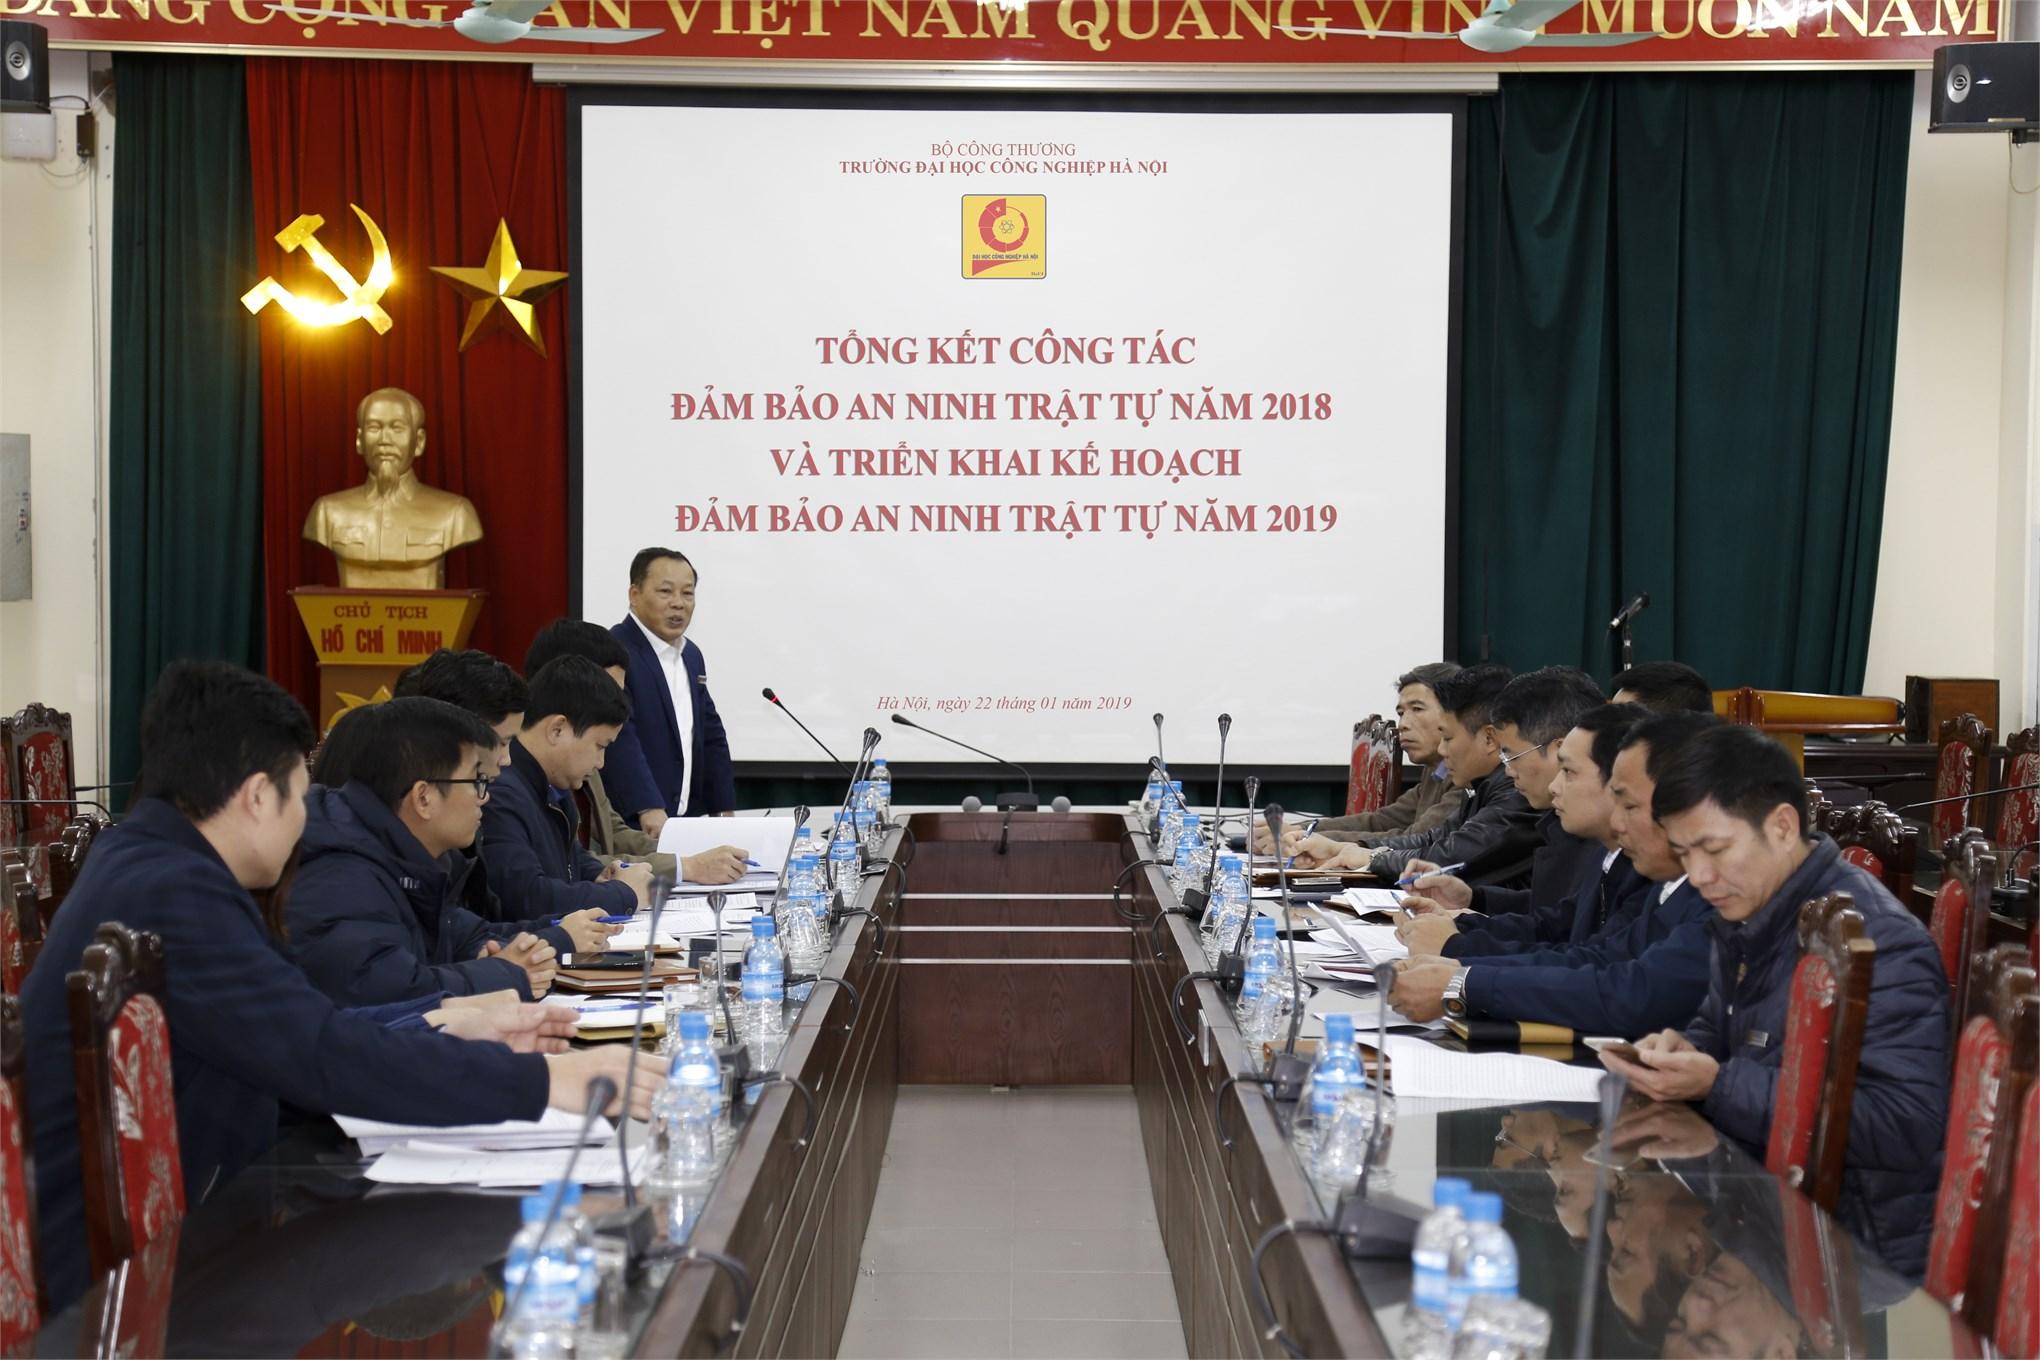 Hội nghị Tổng kết công tác đảm bảo an ninh trật tự năm 2018 và triển khai kế hoạch đảm bảo an ninh trật tự năm 2019